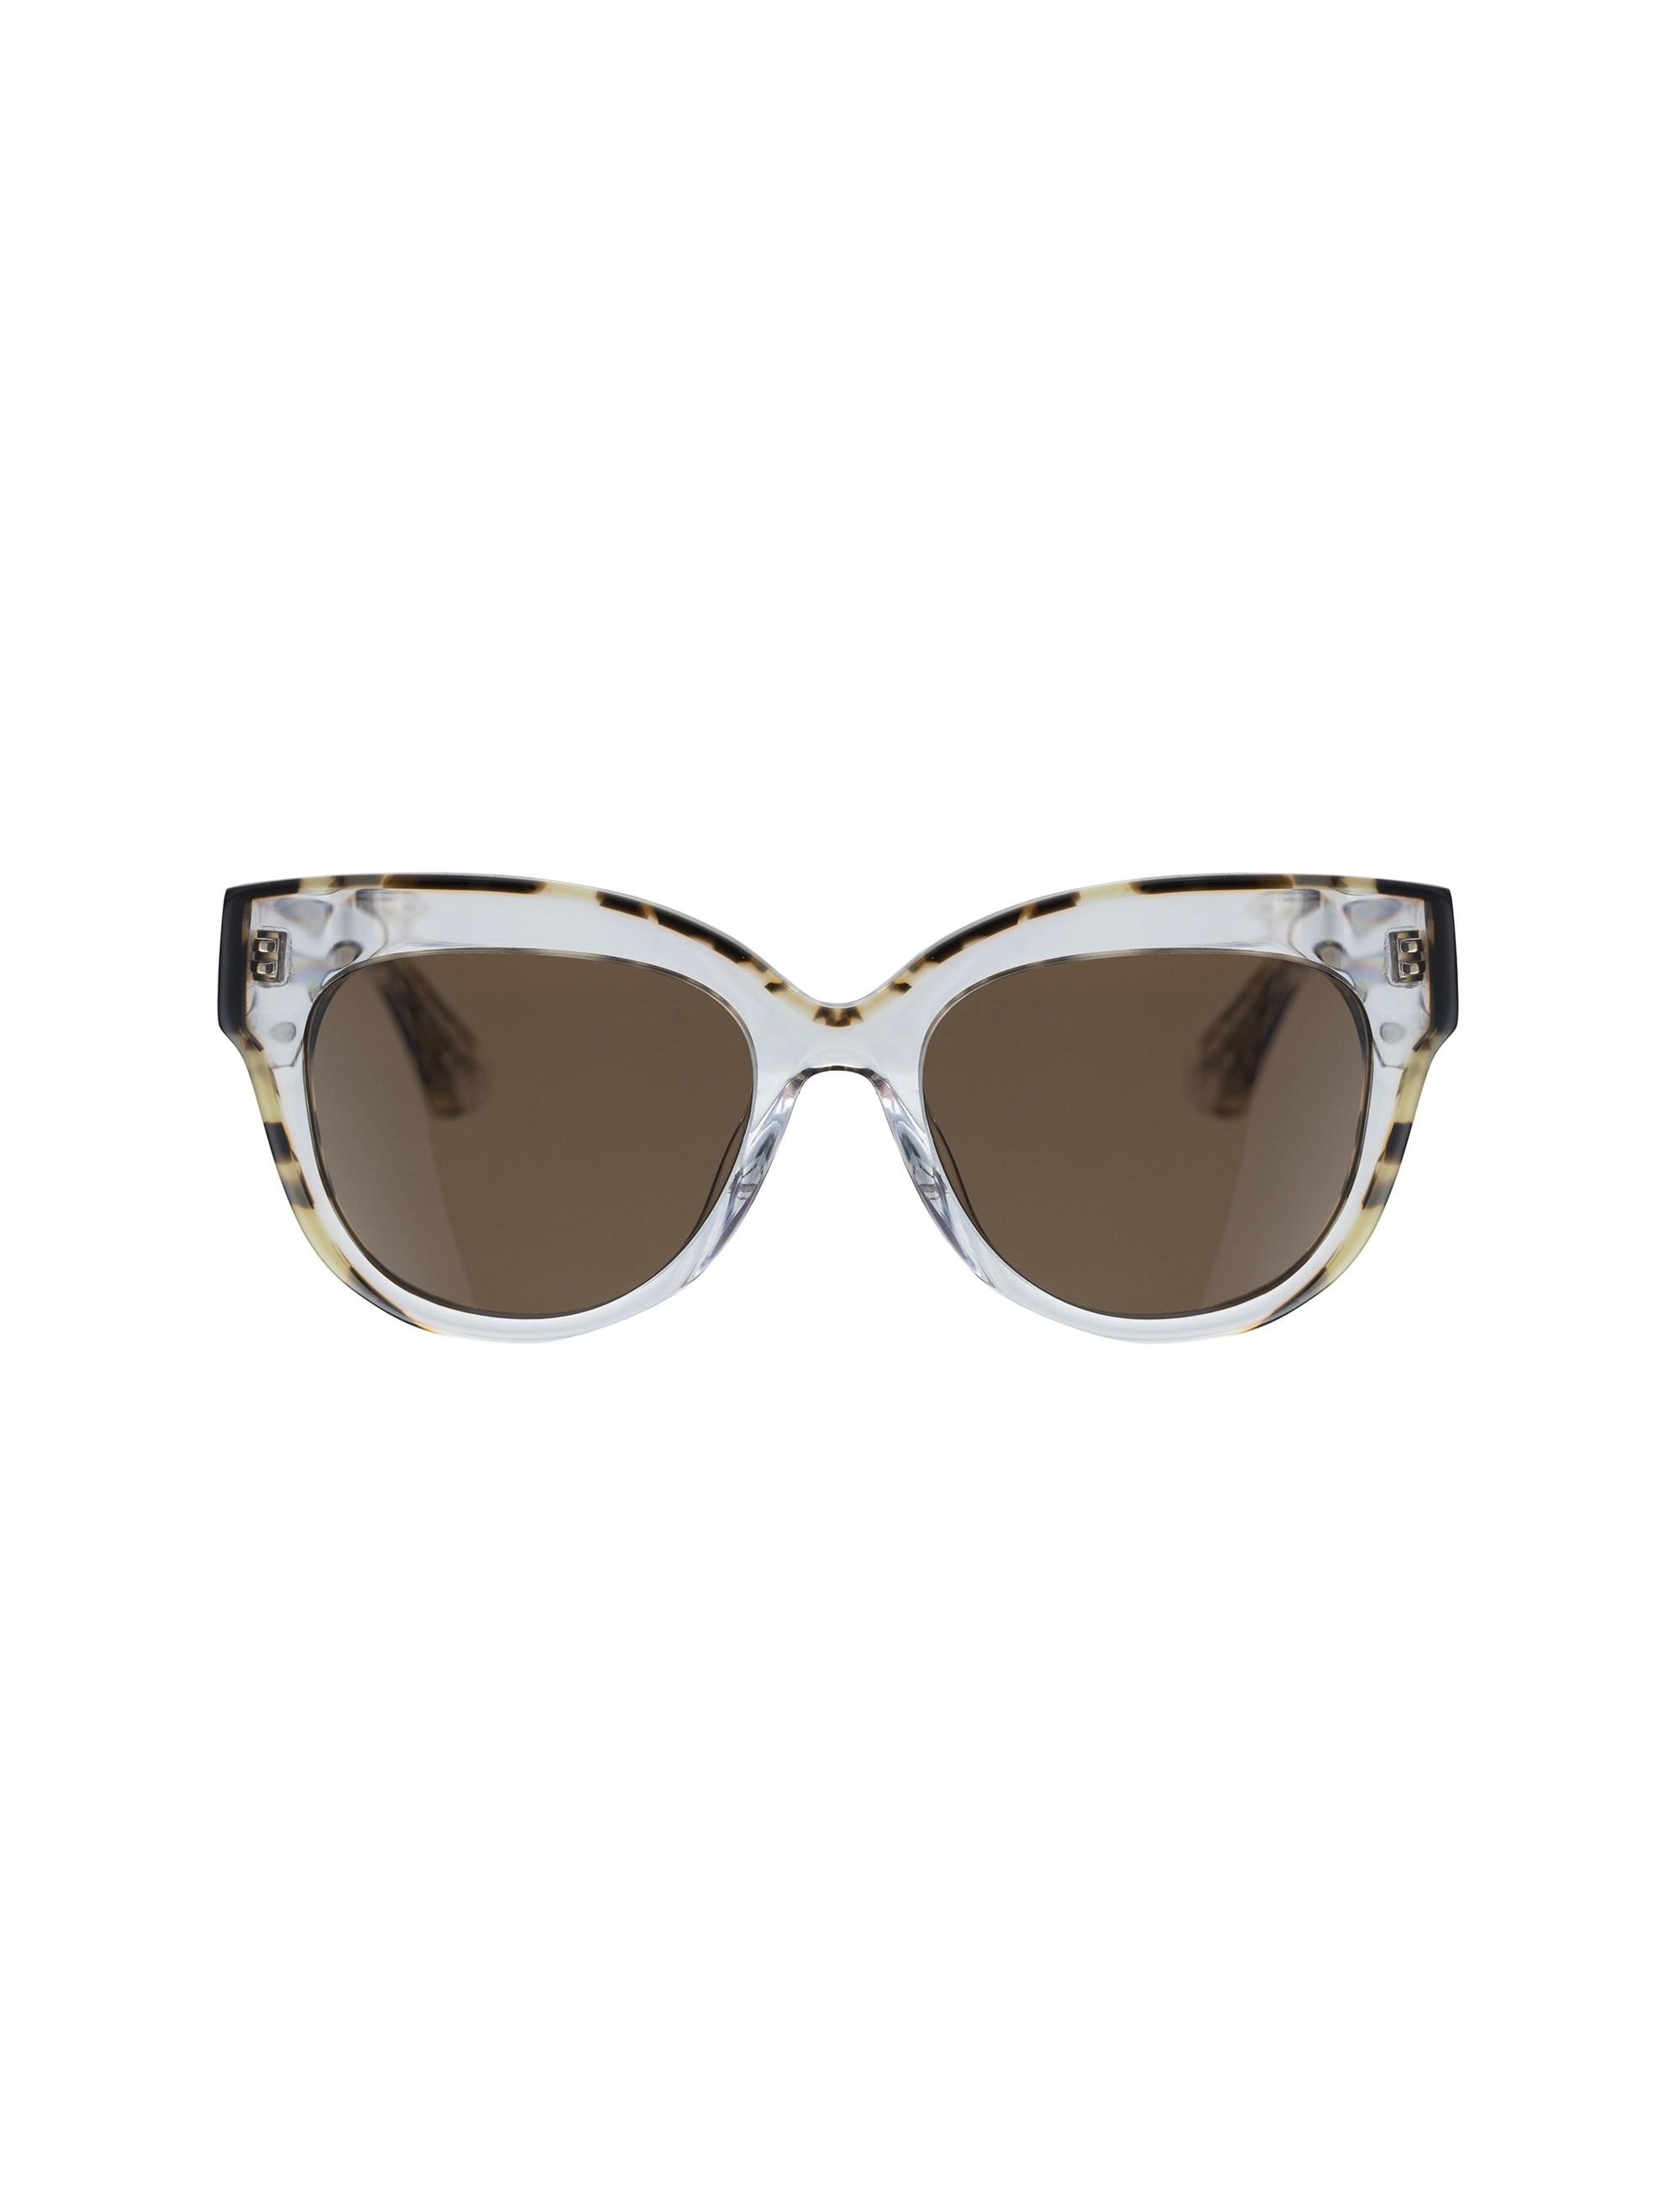 عینک آفتابی گربه ای زنانه - ساندرو - بي رنگ - 1